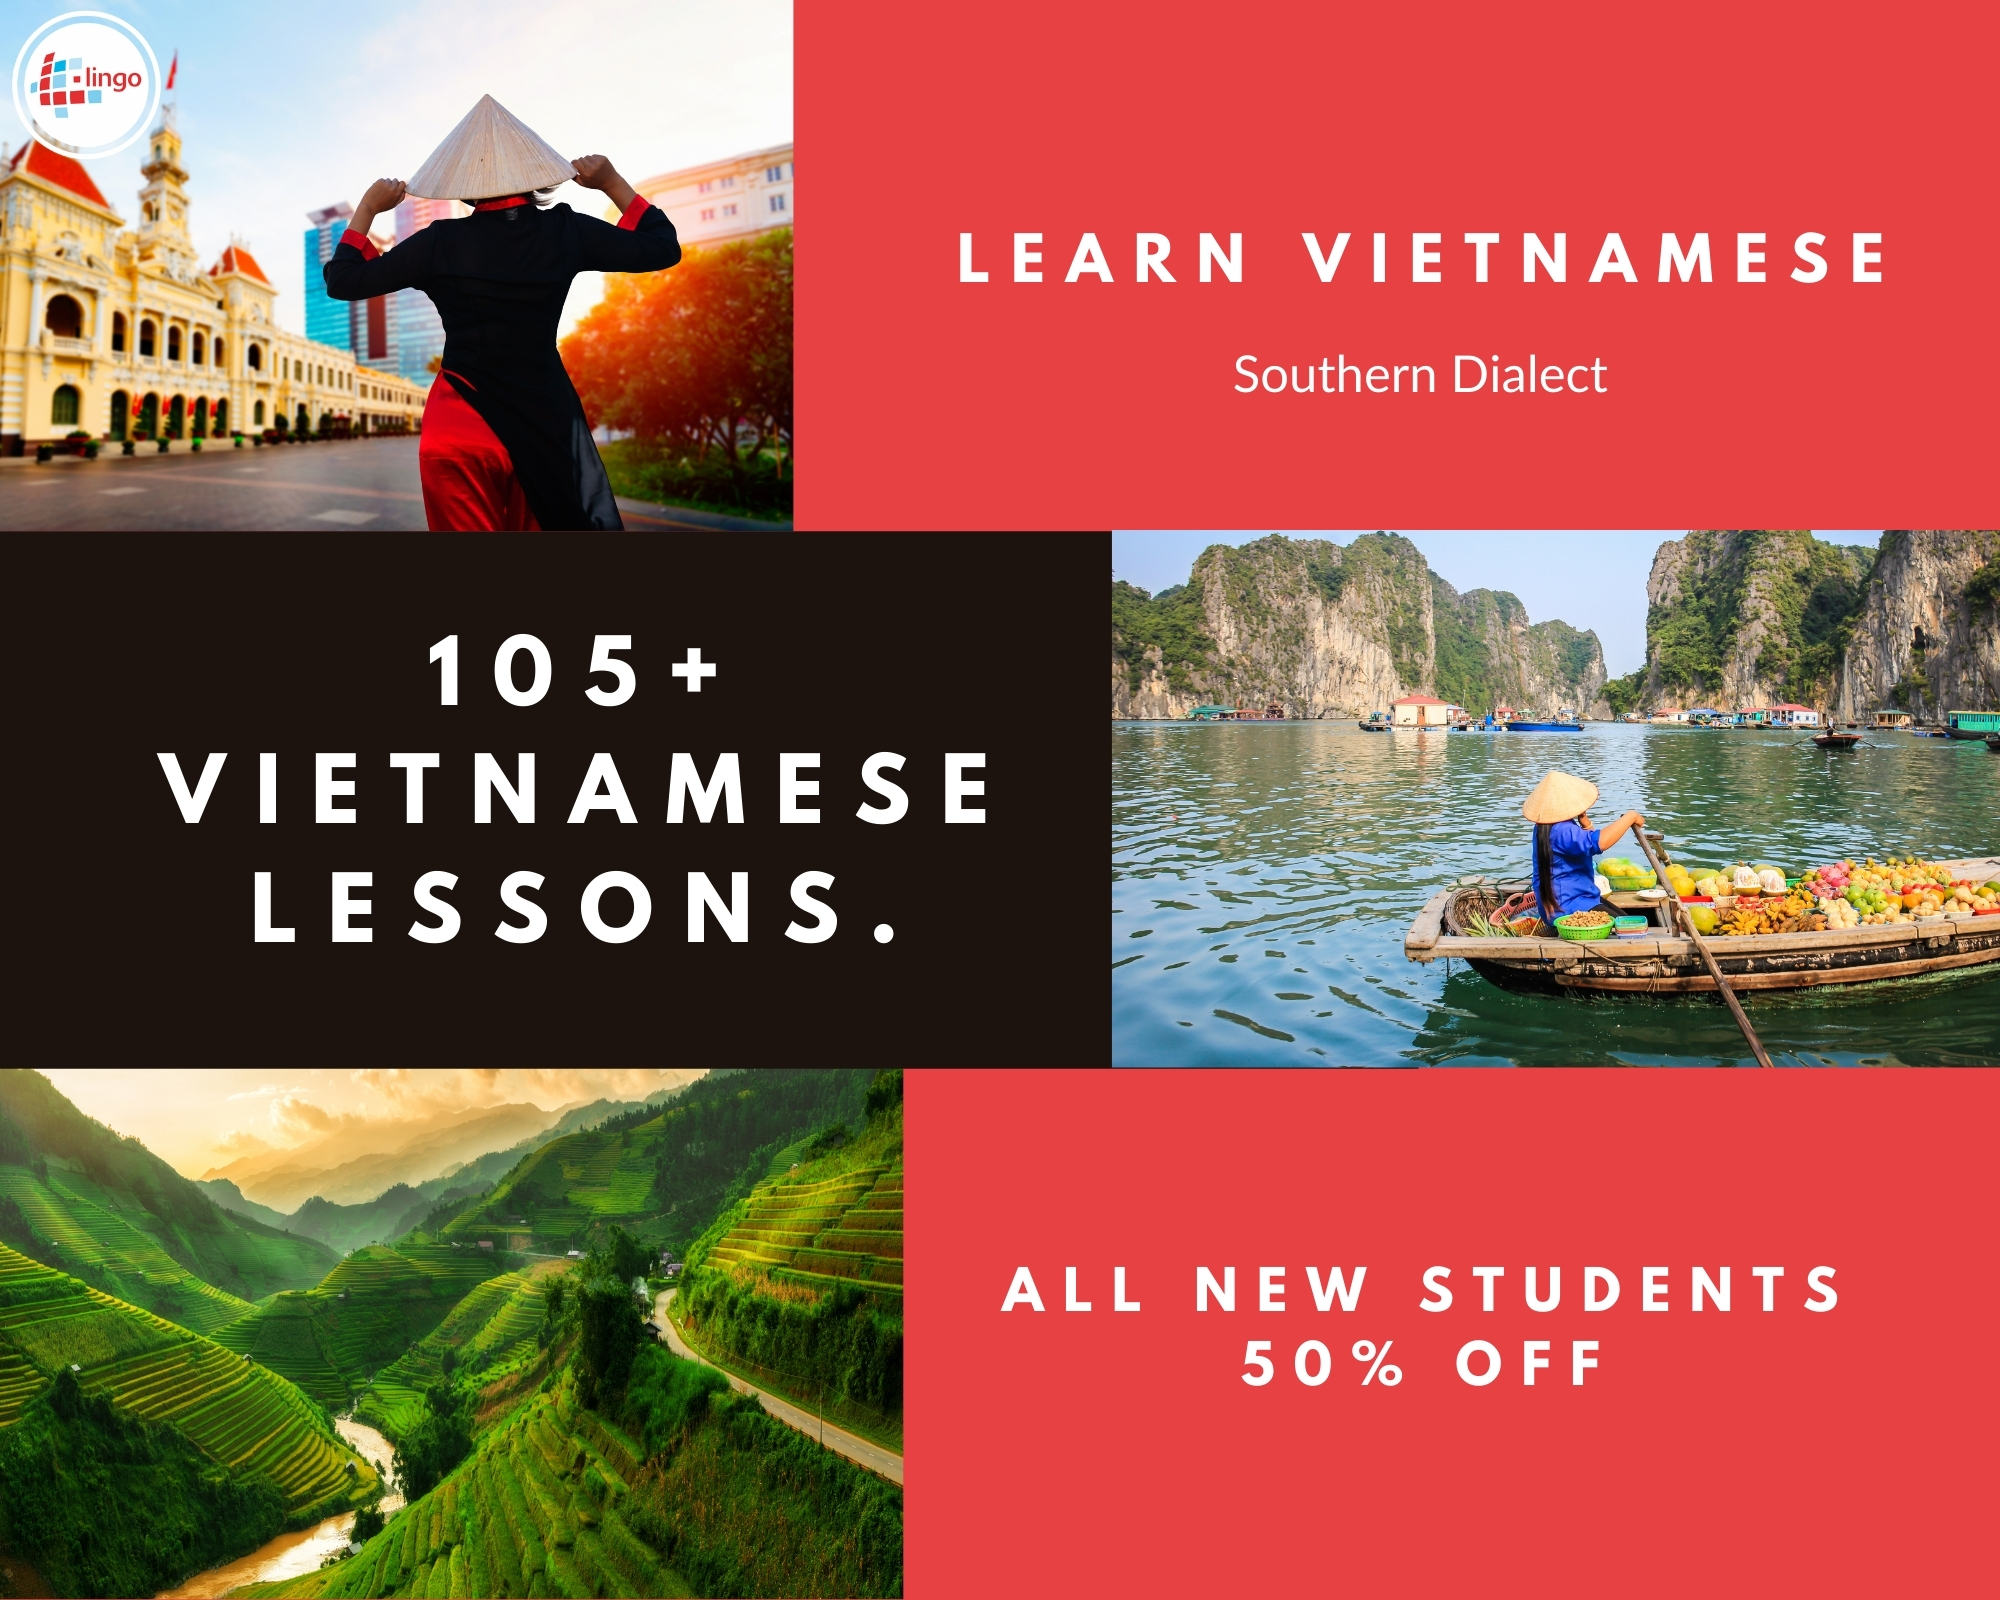 L-Lingo Learn Vietnamese